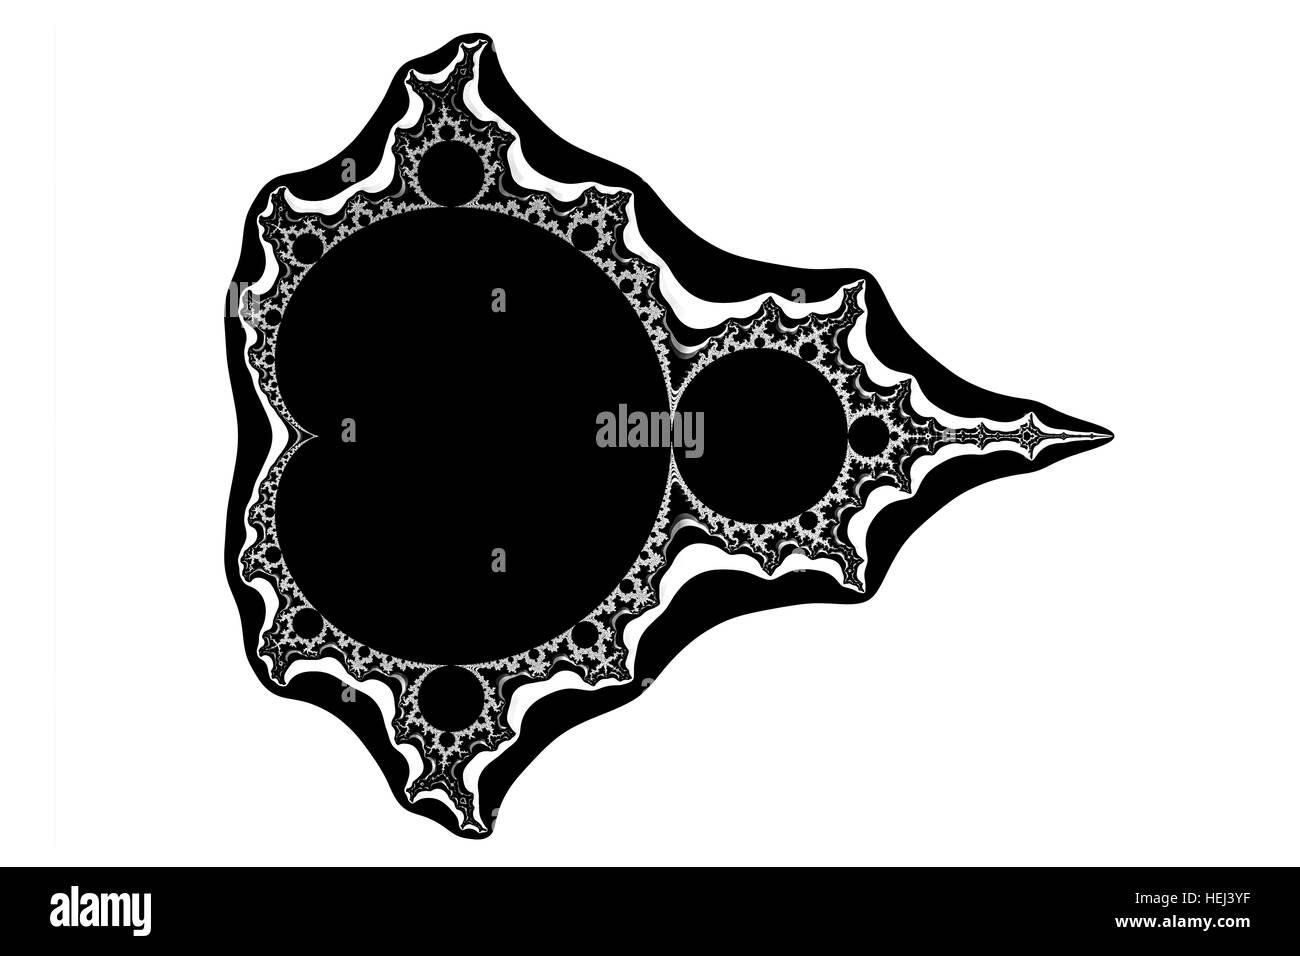 the mathematic fractal  mandelbrot set on white background - Stock Image